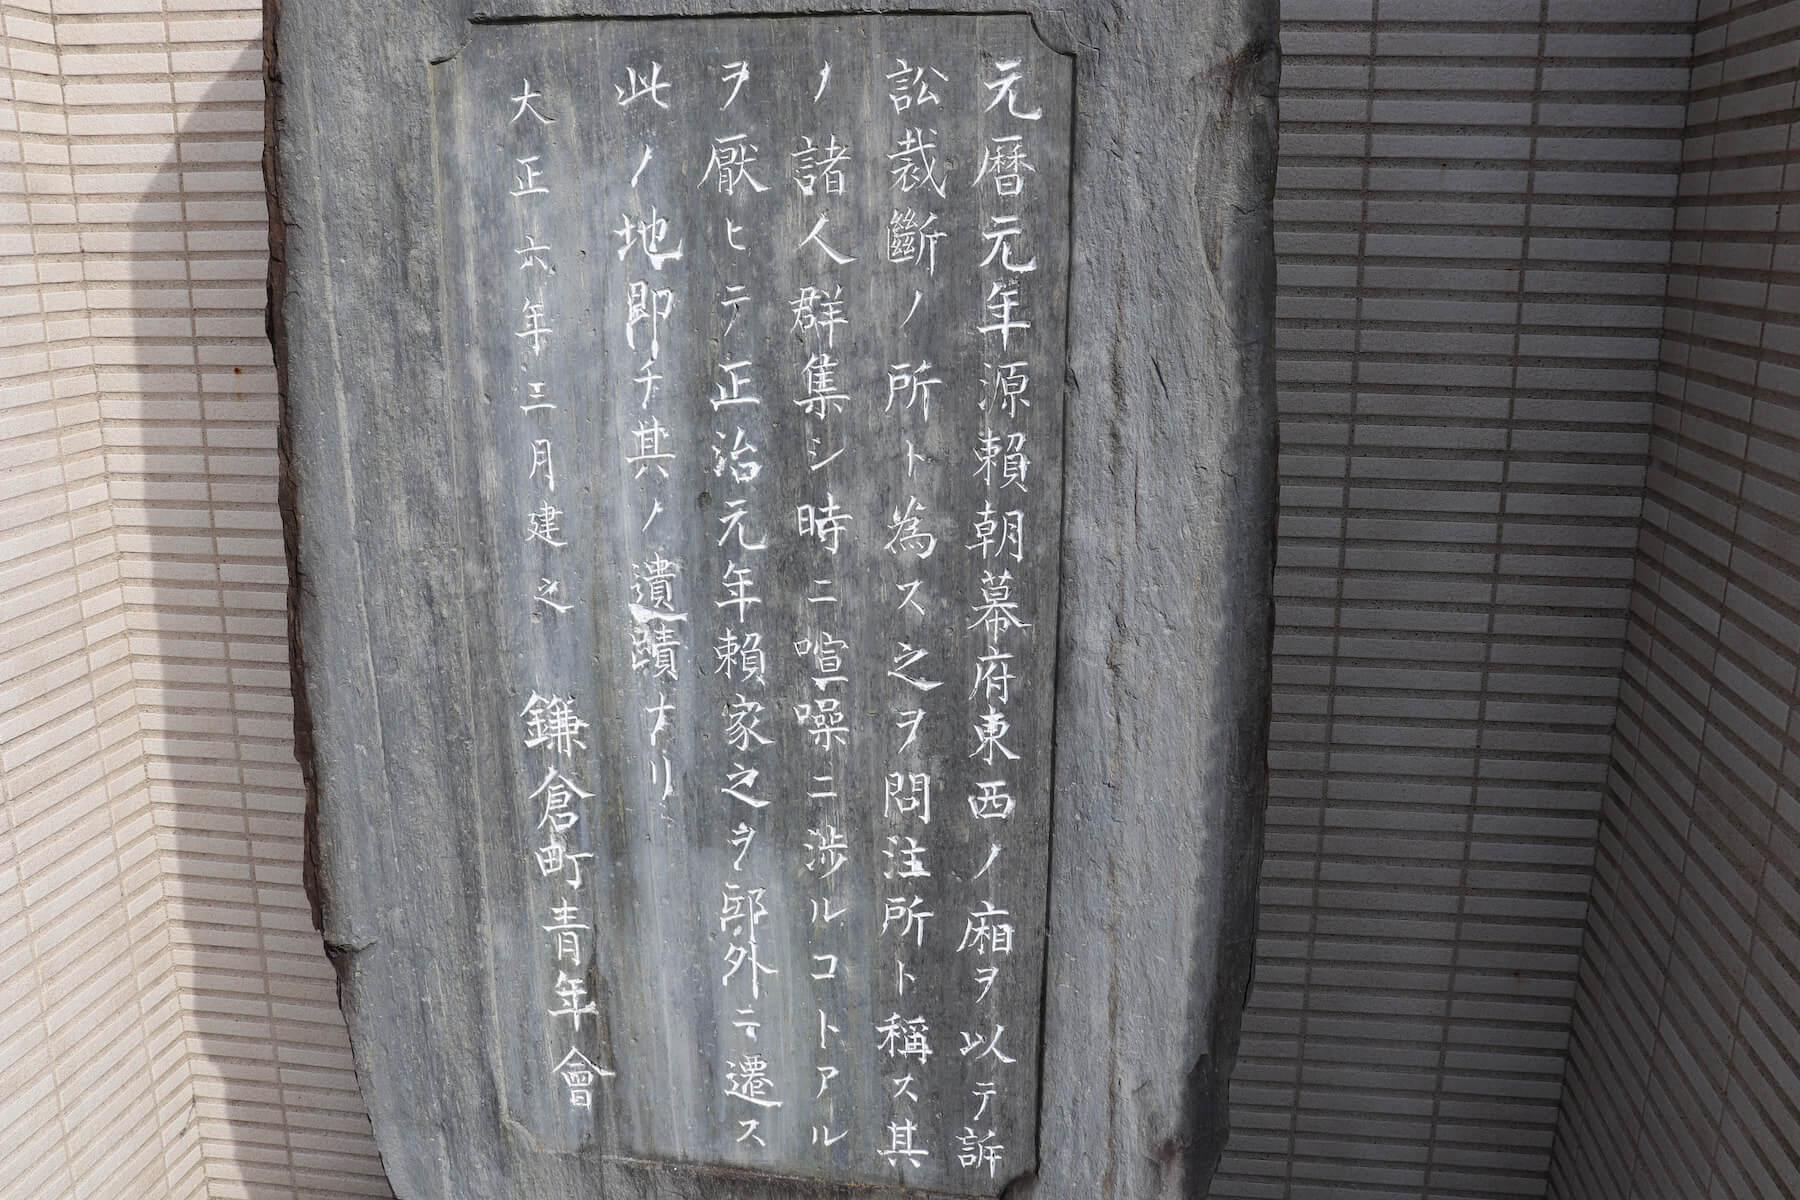 鎌倉の問注所の石碑の文字